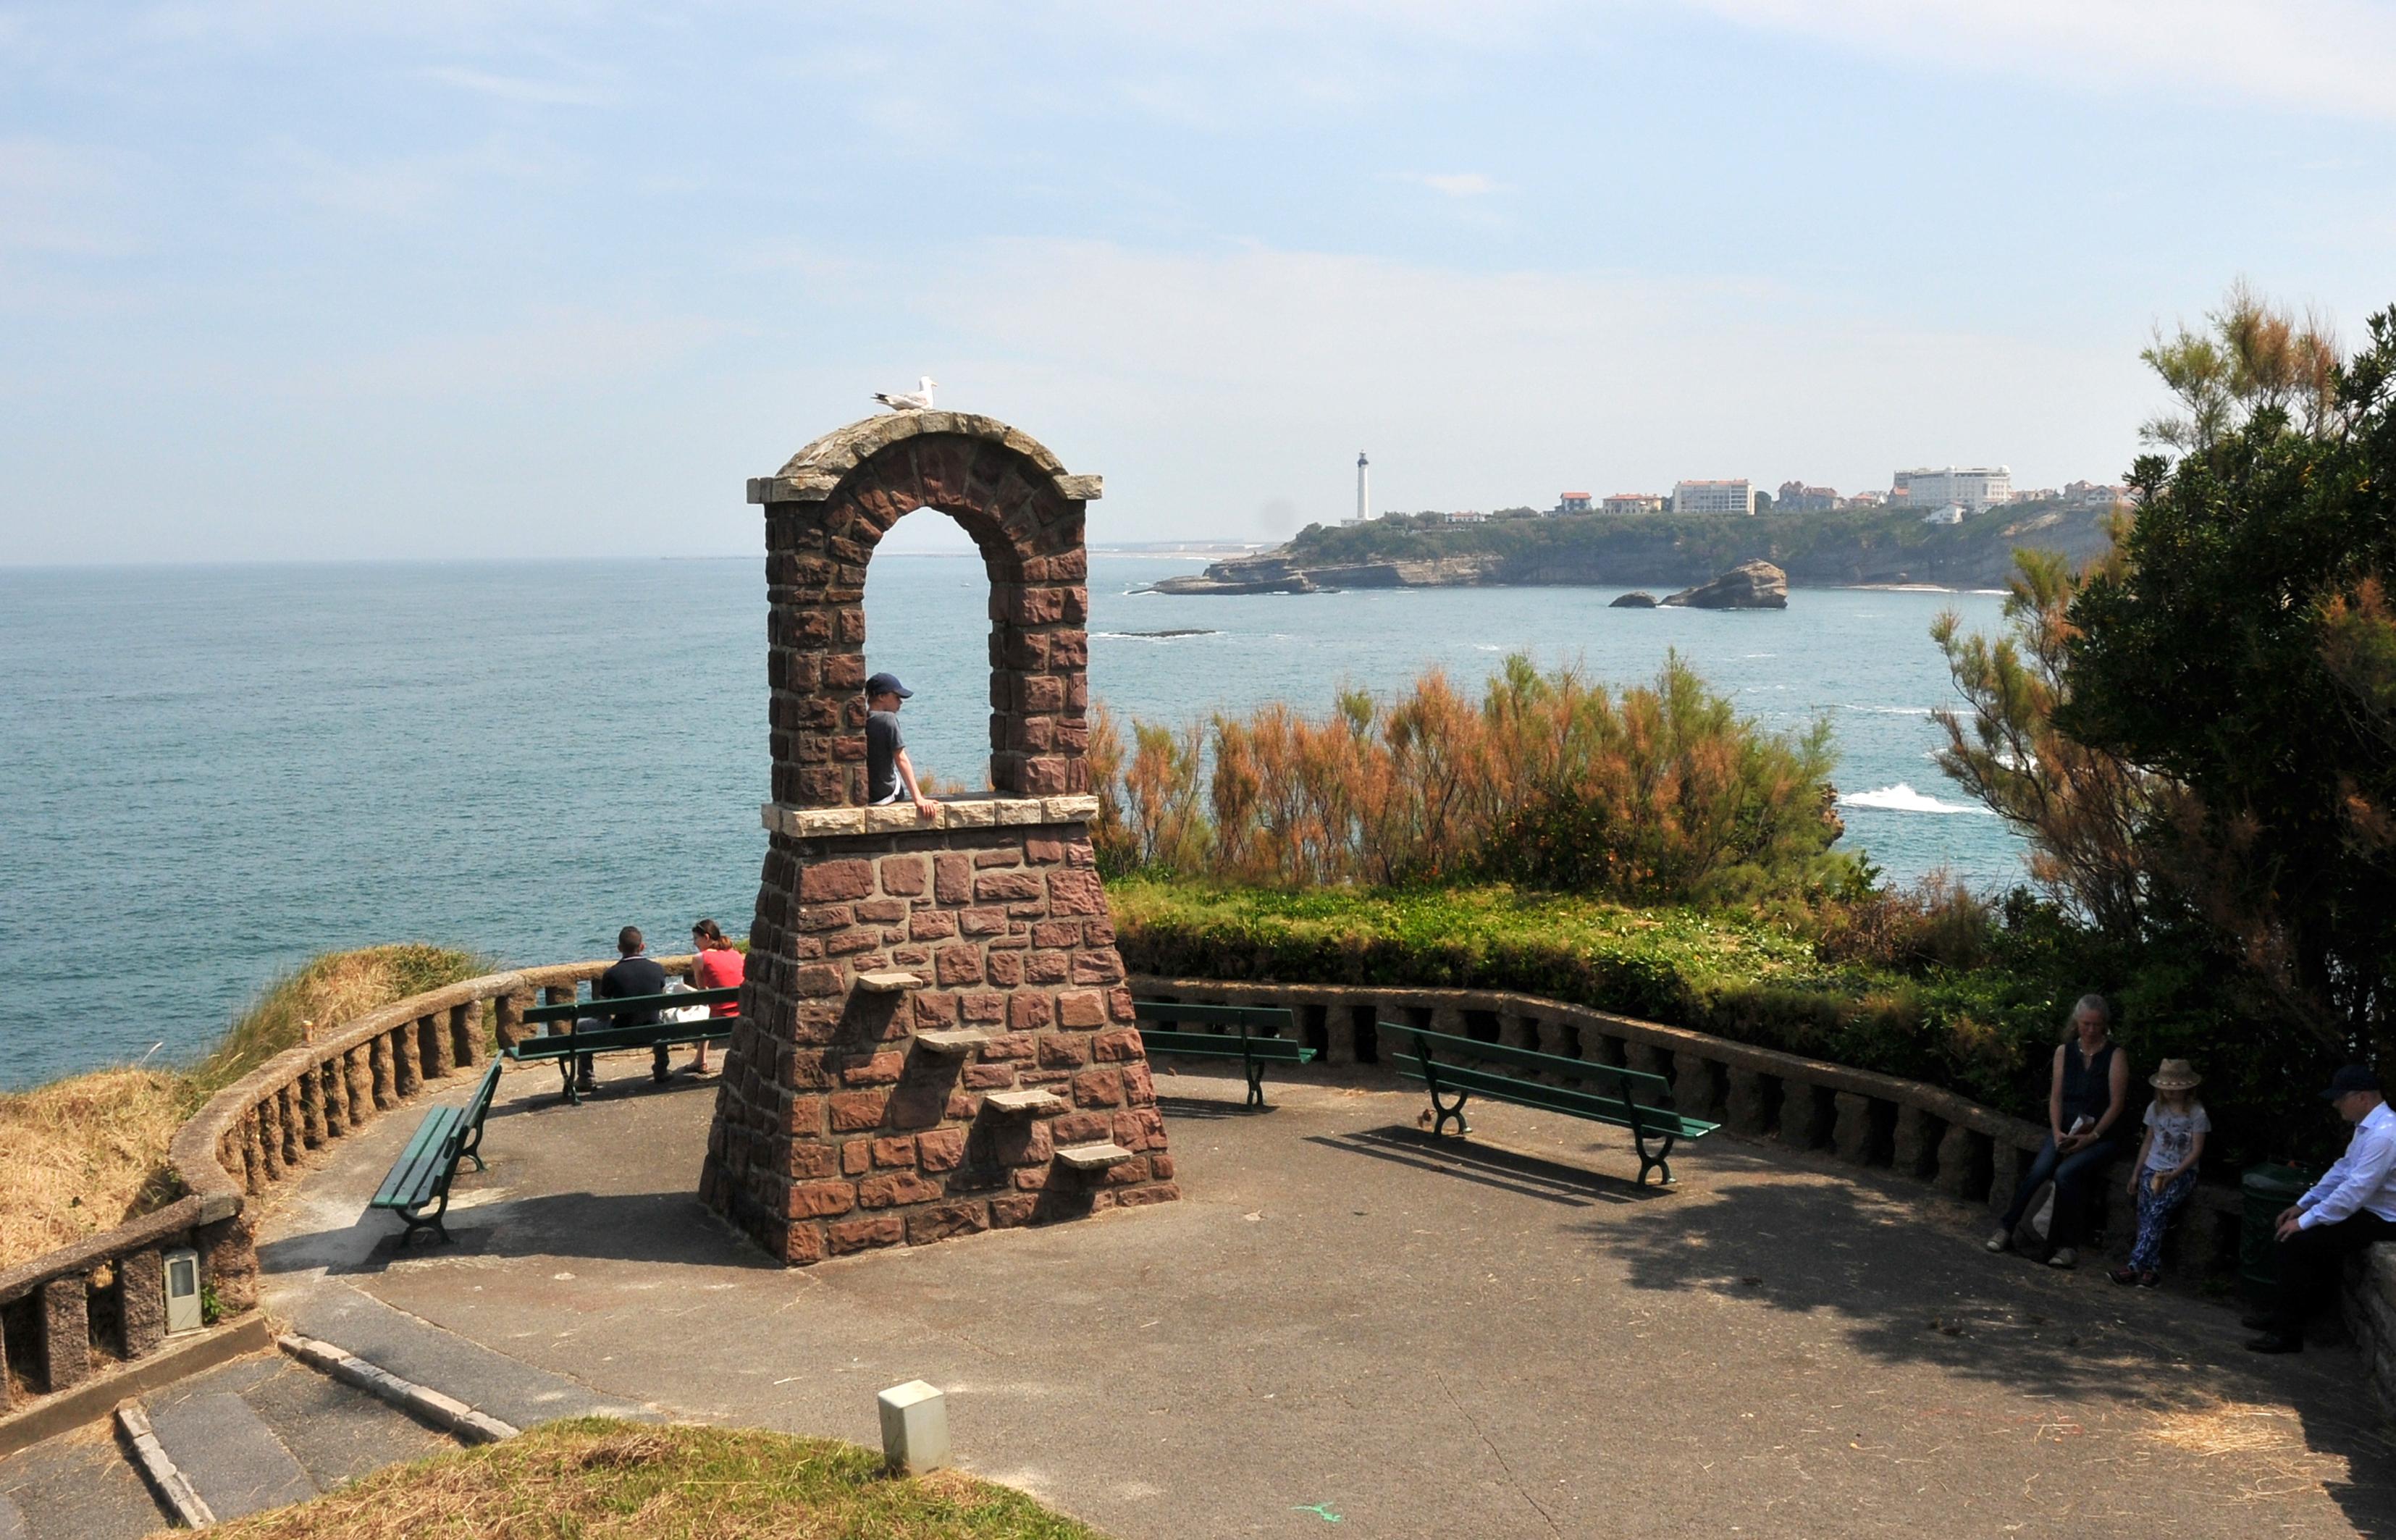 Avant Après #3 Côte Basque_ Biarritz La cloche d'alarme à l'Atalaye aujourd'hui